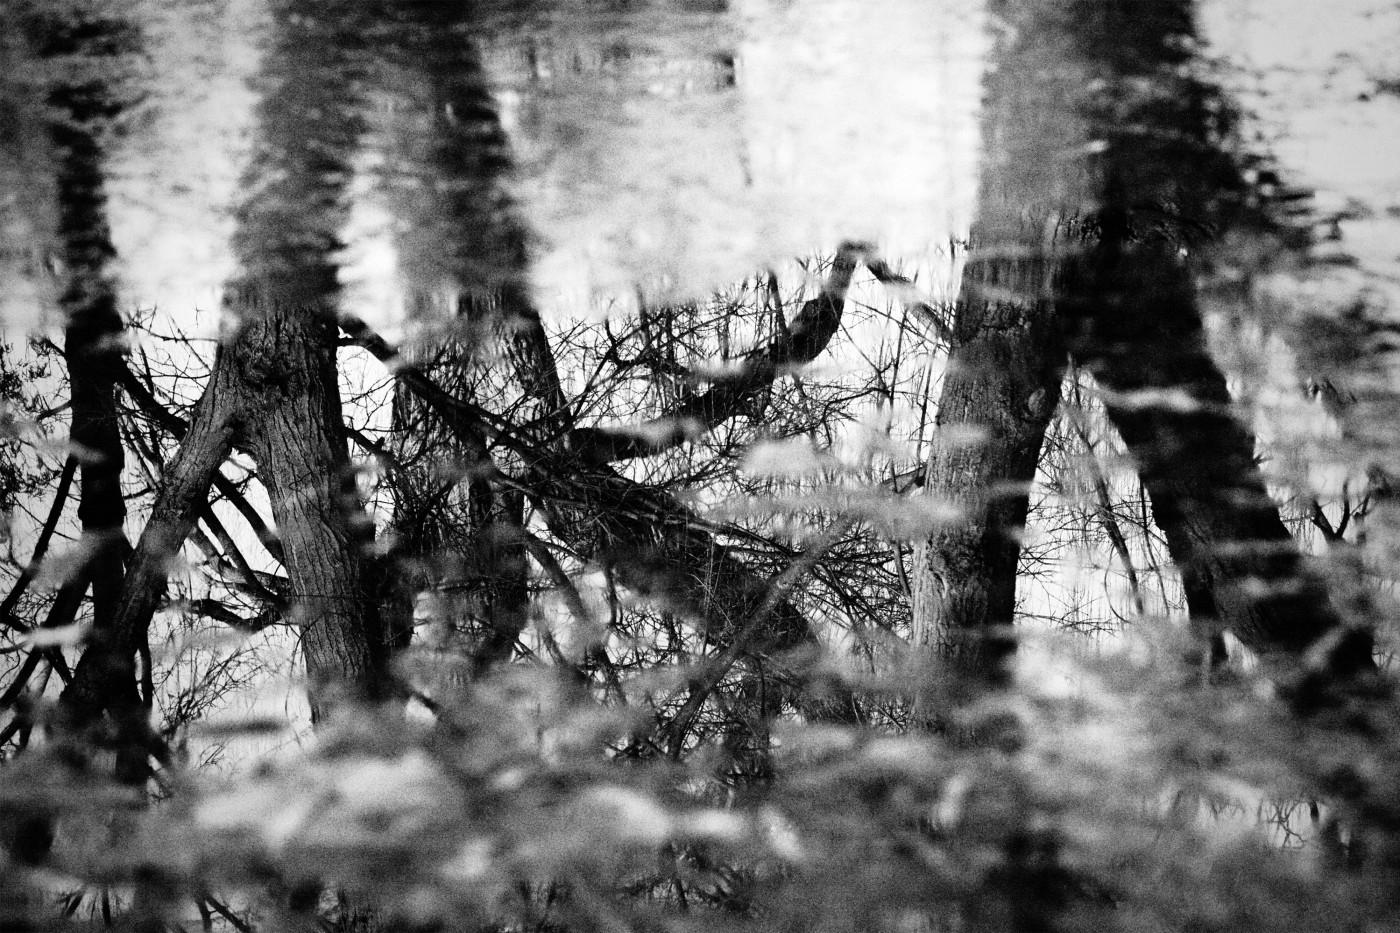 Sonja Ng, </span><span><em>Reflection</em>, </span><span>2016